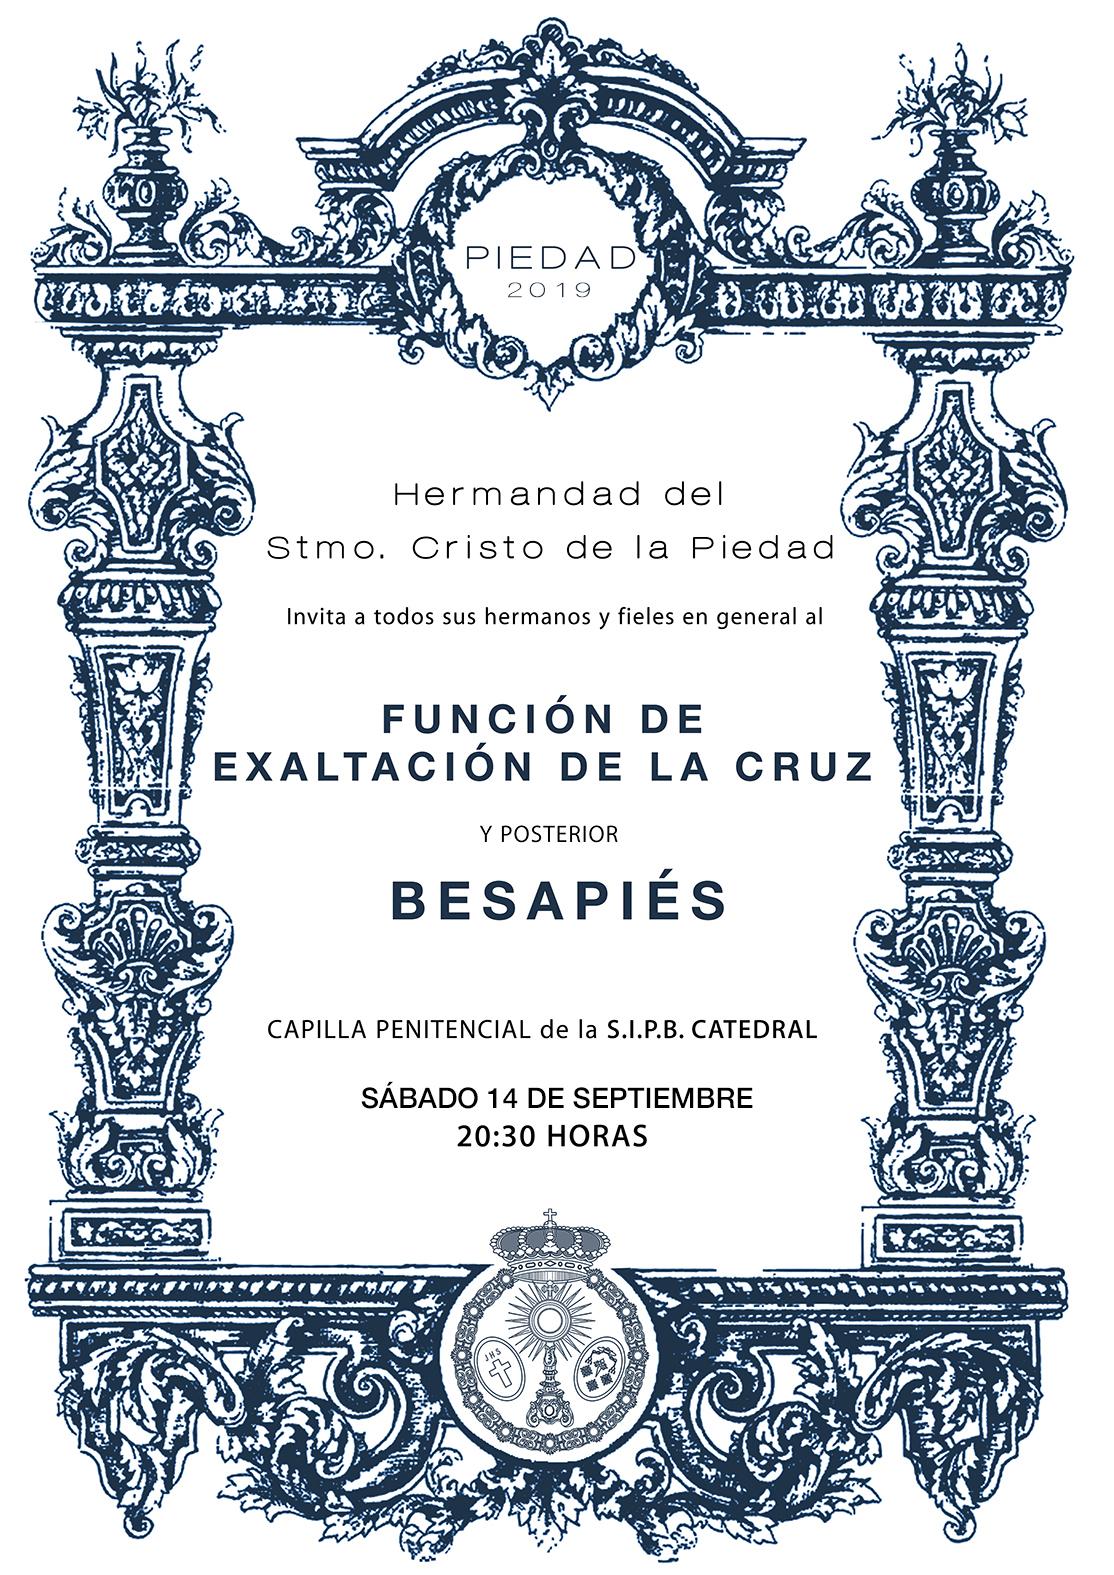 EXALTACIÓN DE LA CRUZ Y BESAPIÉS